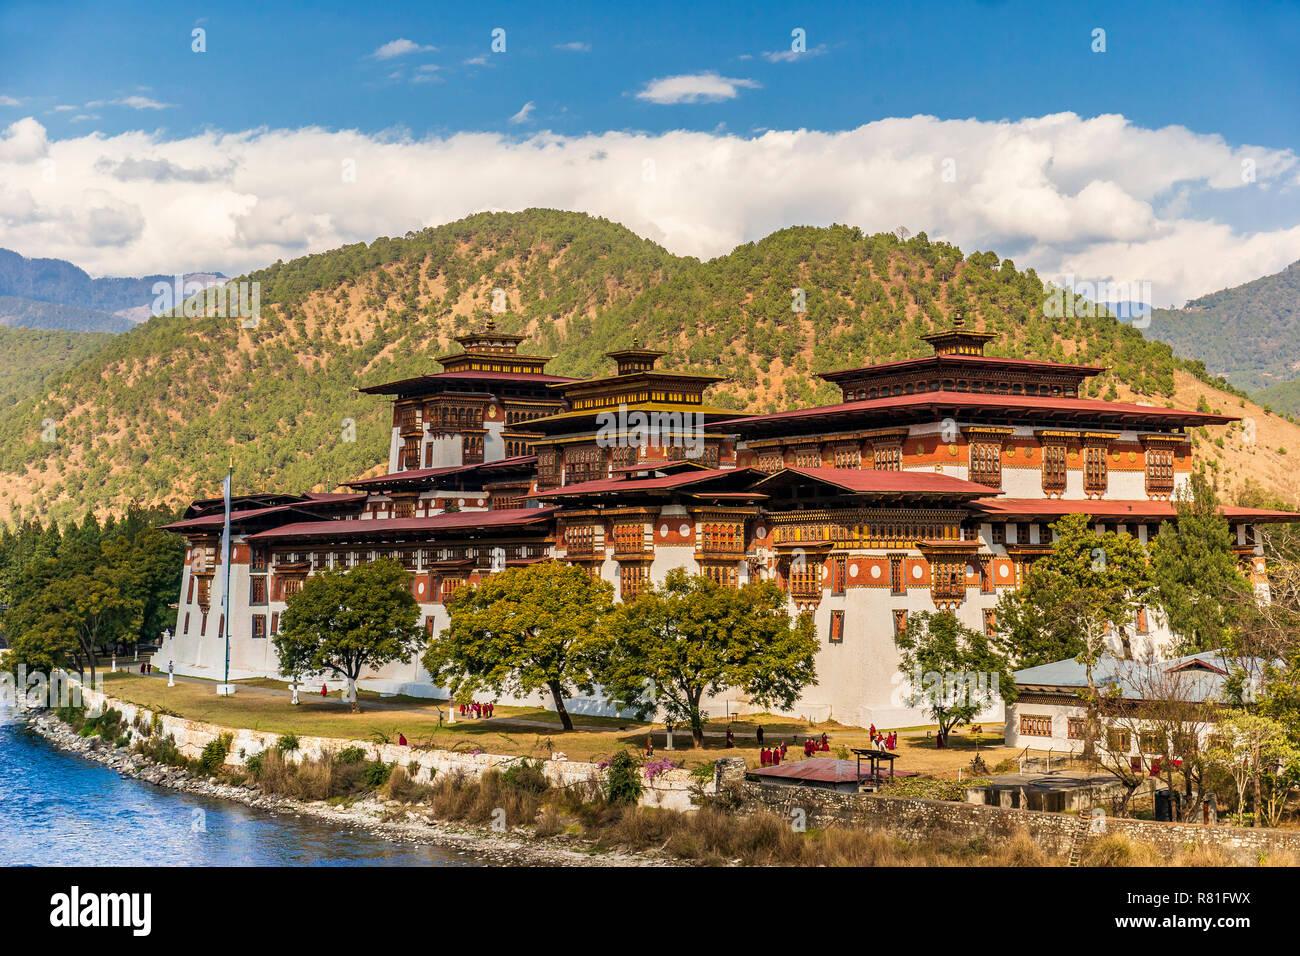 Punakha Dzong Monastery, Bhutan Stock Photo